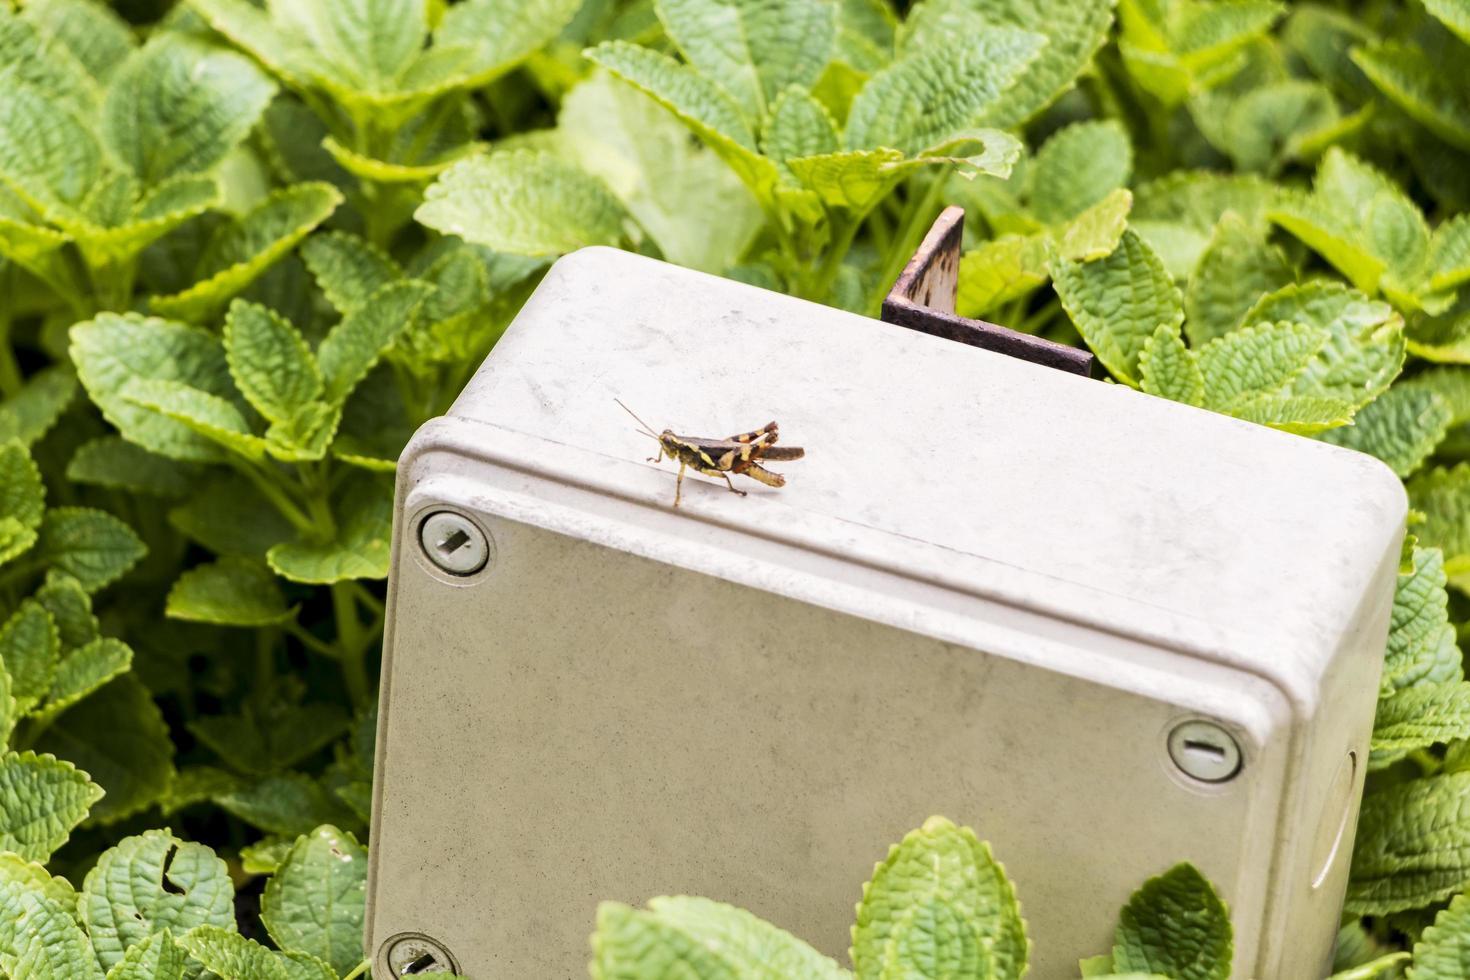 gräshoppa på elbox vid perdana botaniska trädgård, kuala lumpur. foto